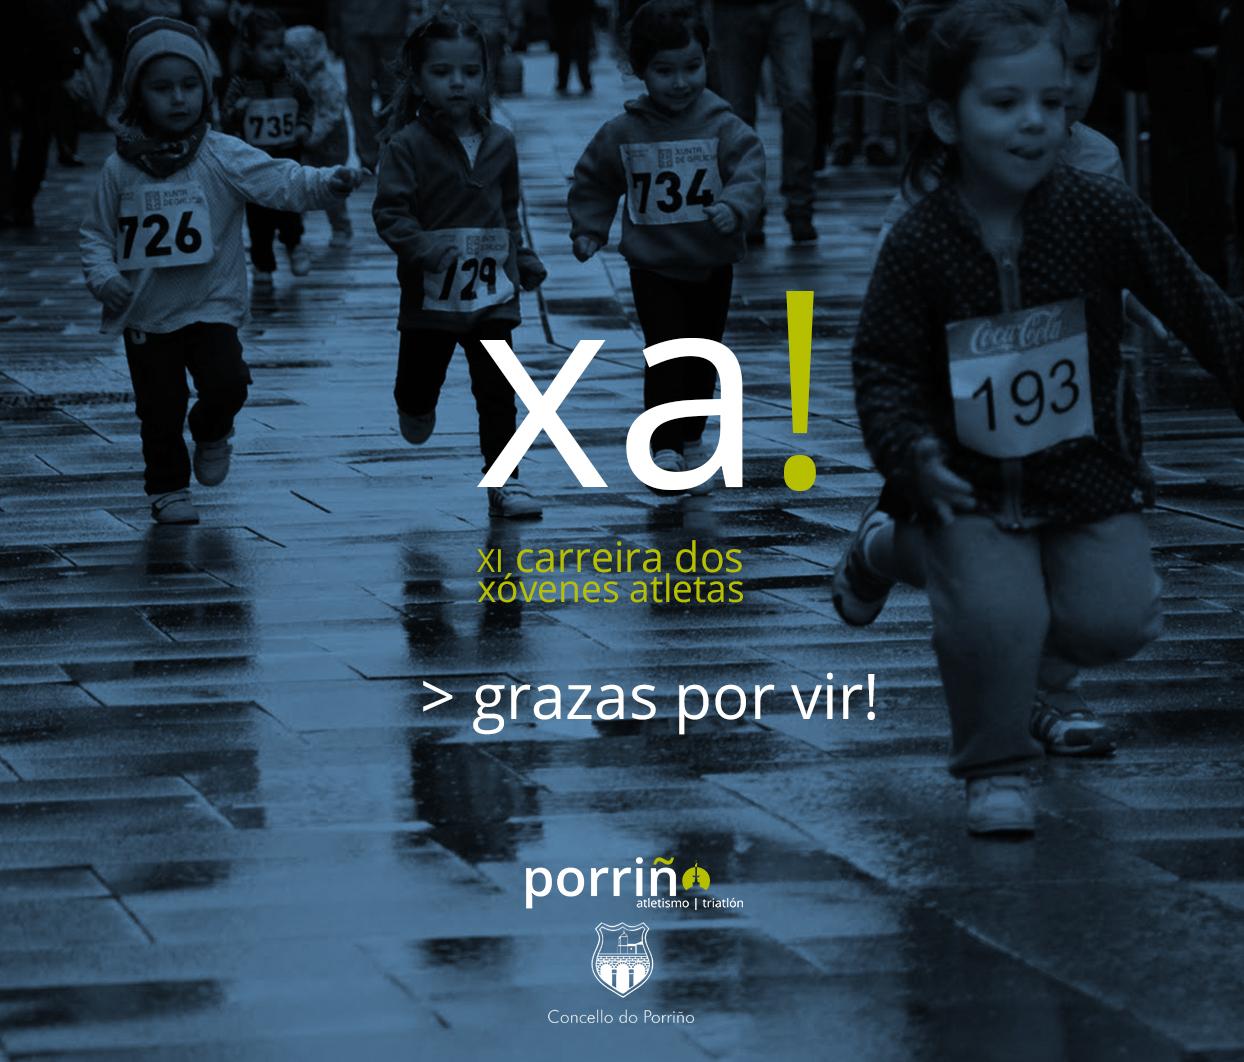 CARTEL XI XOVENES ATLETAS 2016_grazas por vir